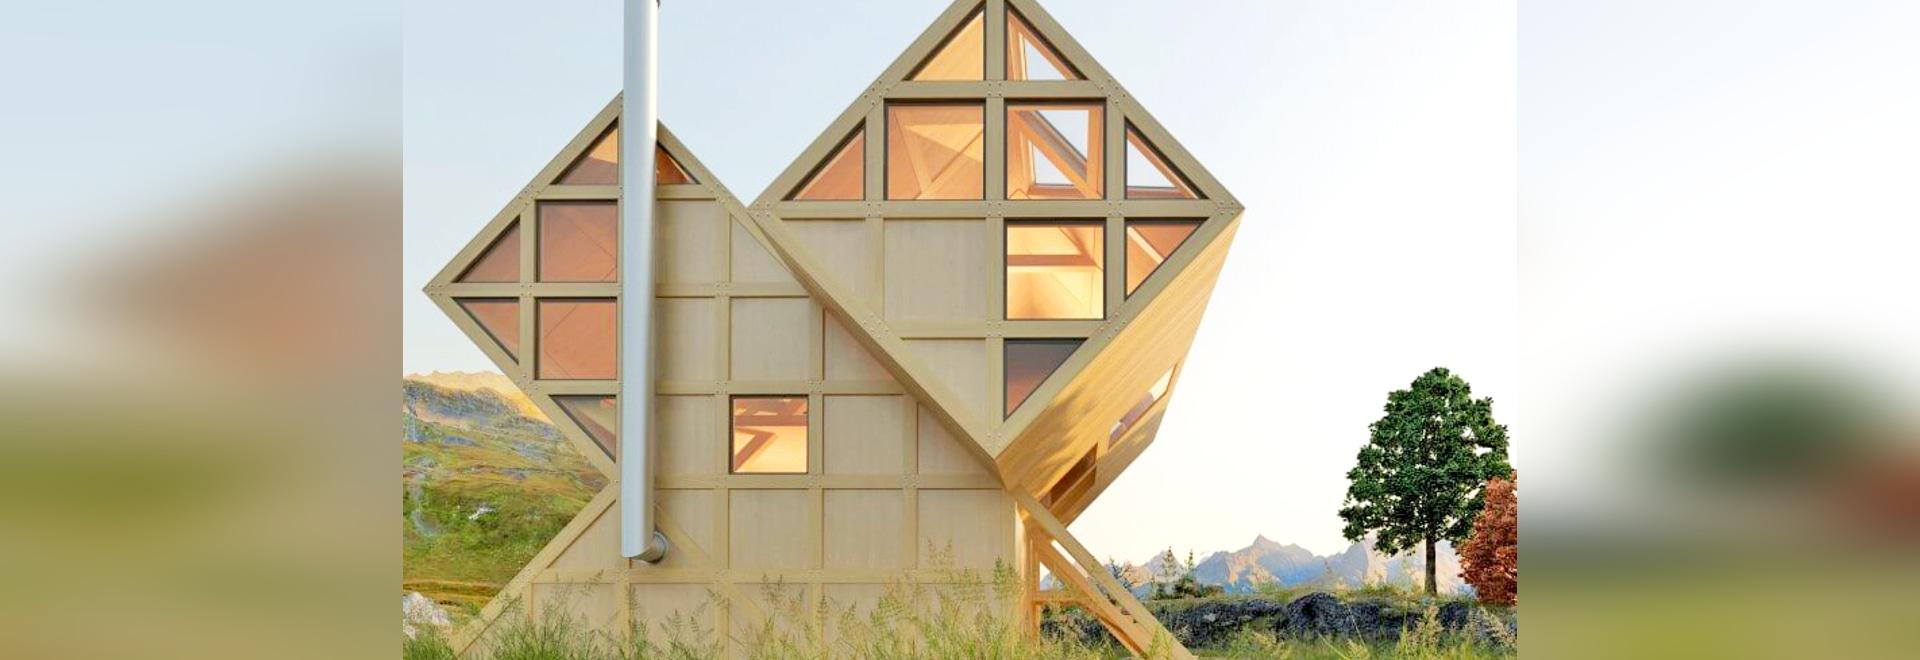 La casa magnífica del valle es una cabina geométrica de la madera ...